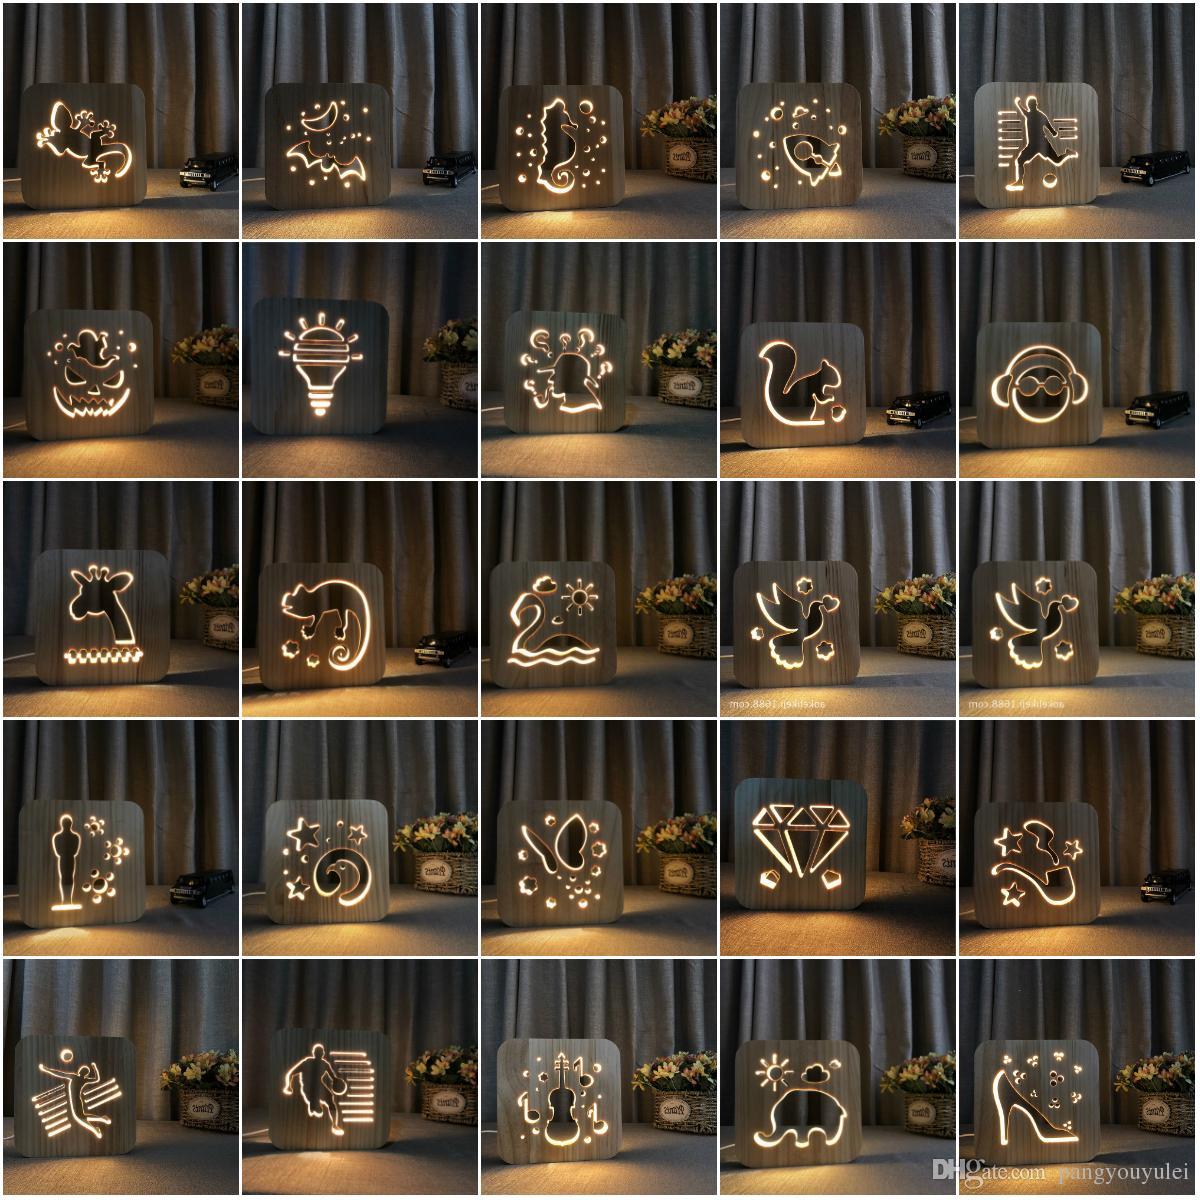 3D Лампа Goldfish животных Резьба по дереву шаблон светодиодные USB Power Деревянный ночник, LED стол стол Главная спальня Украшение лампы